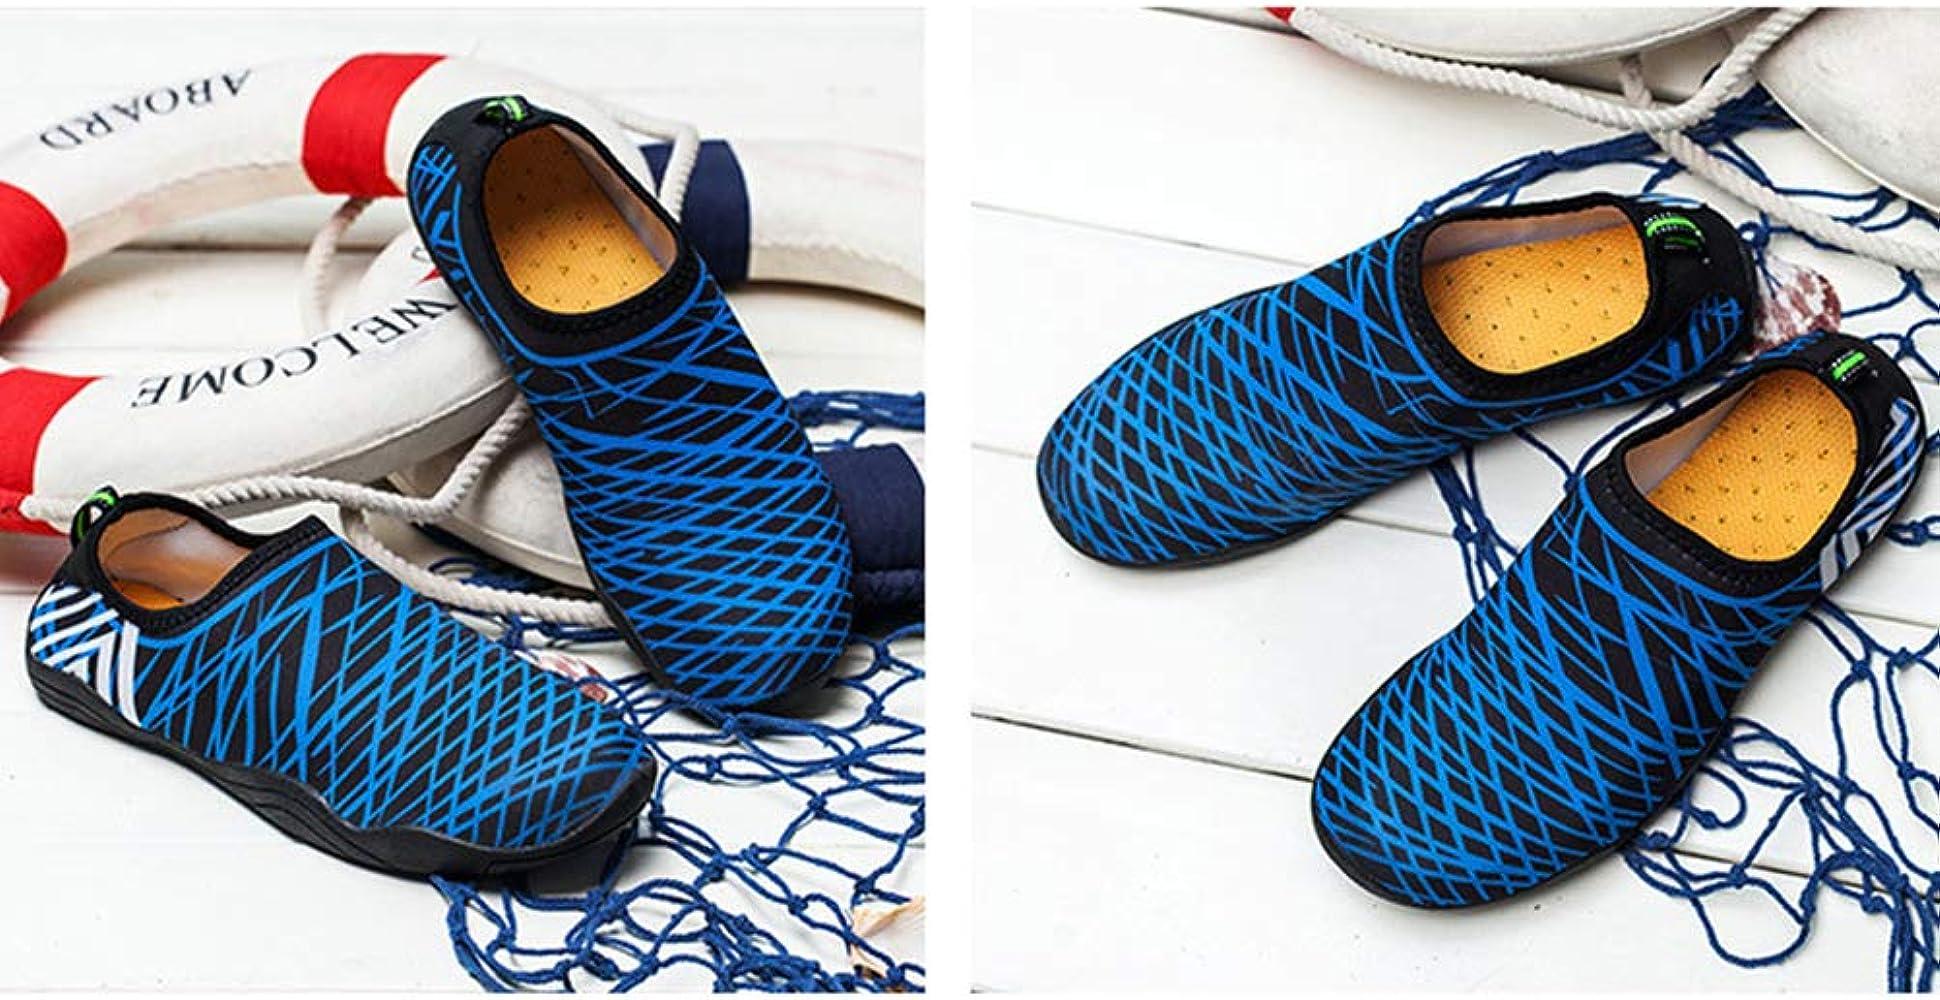 AQUAZON BEACH Badeschuhe, SUP Schuhe für Damen und Herren